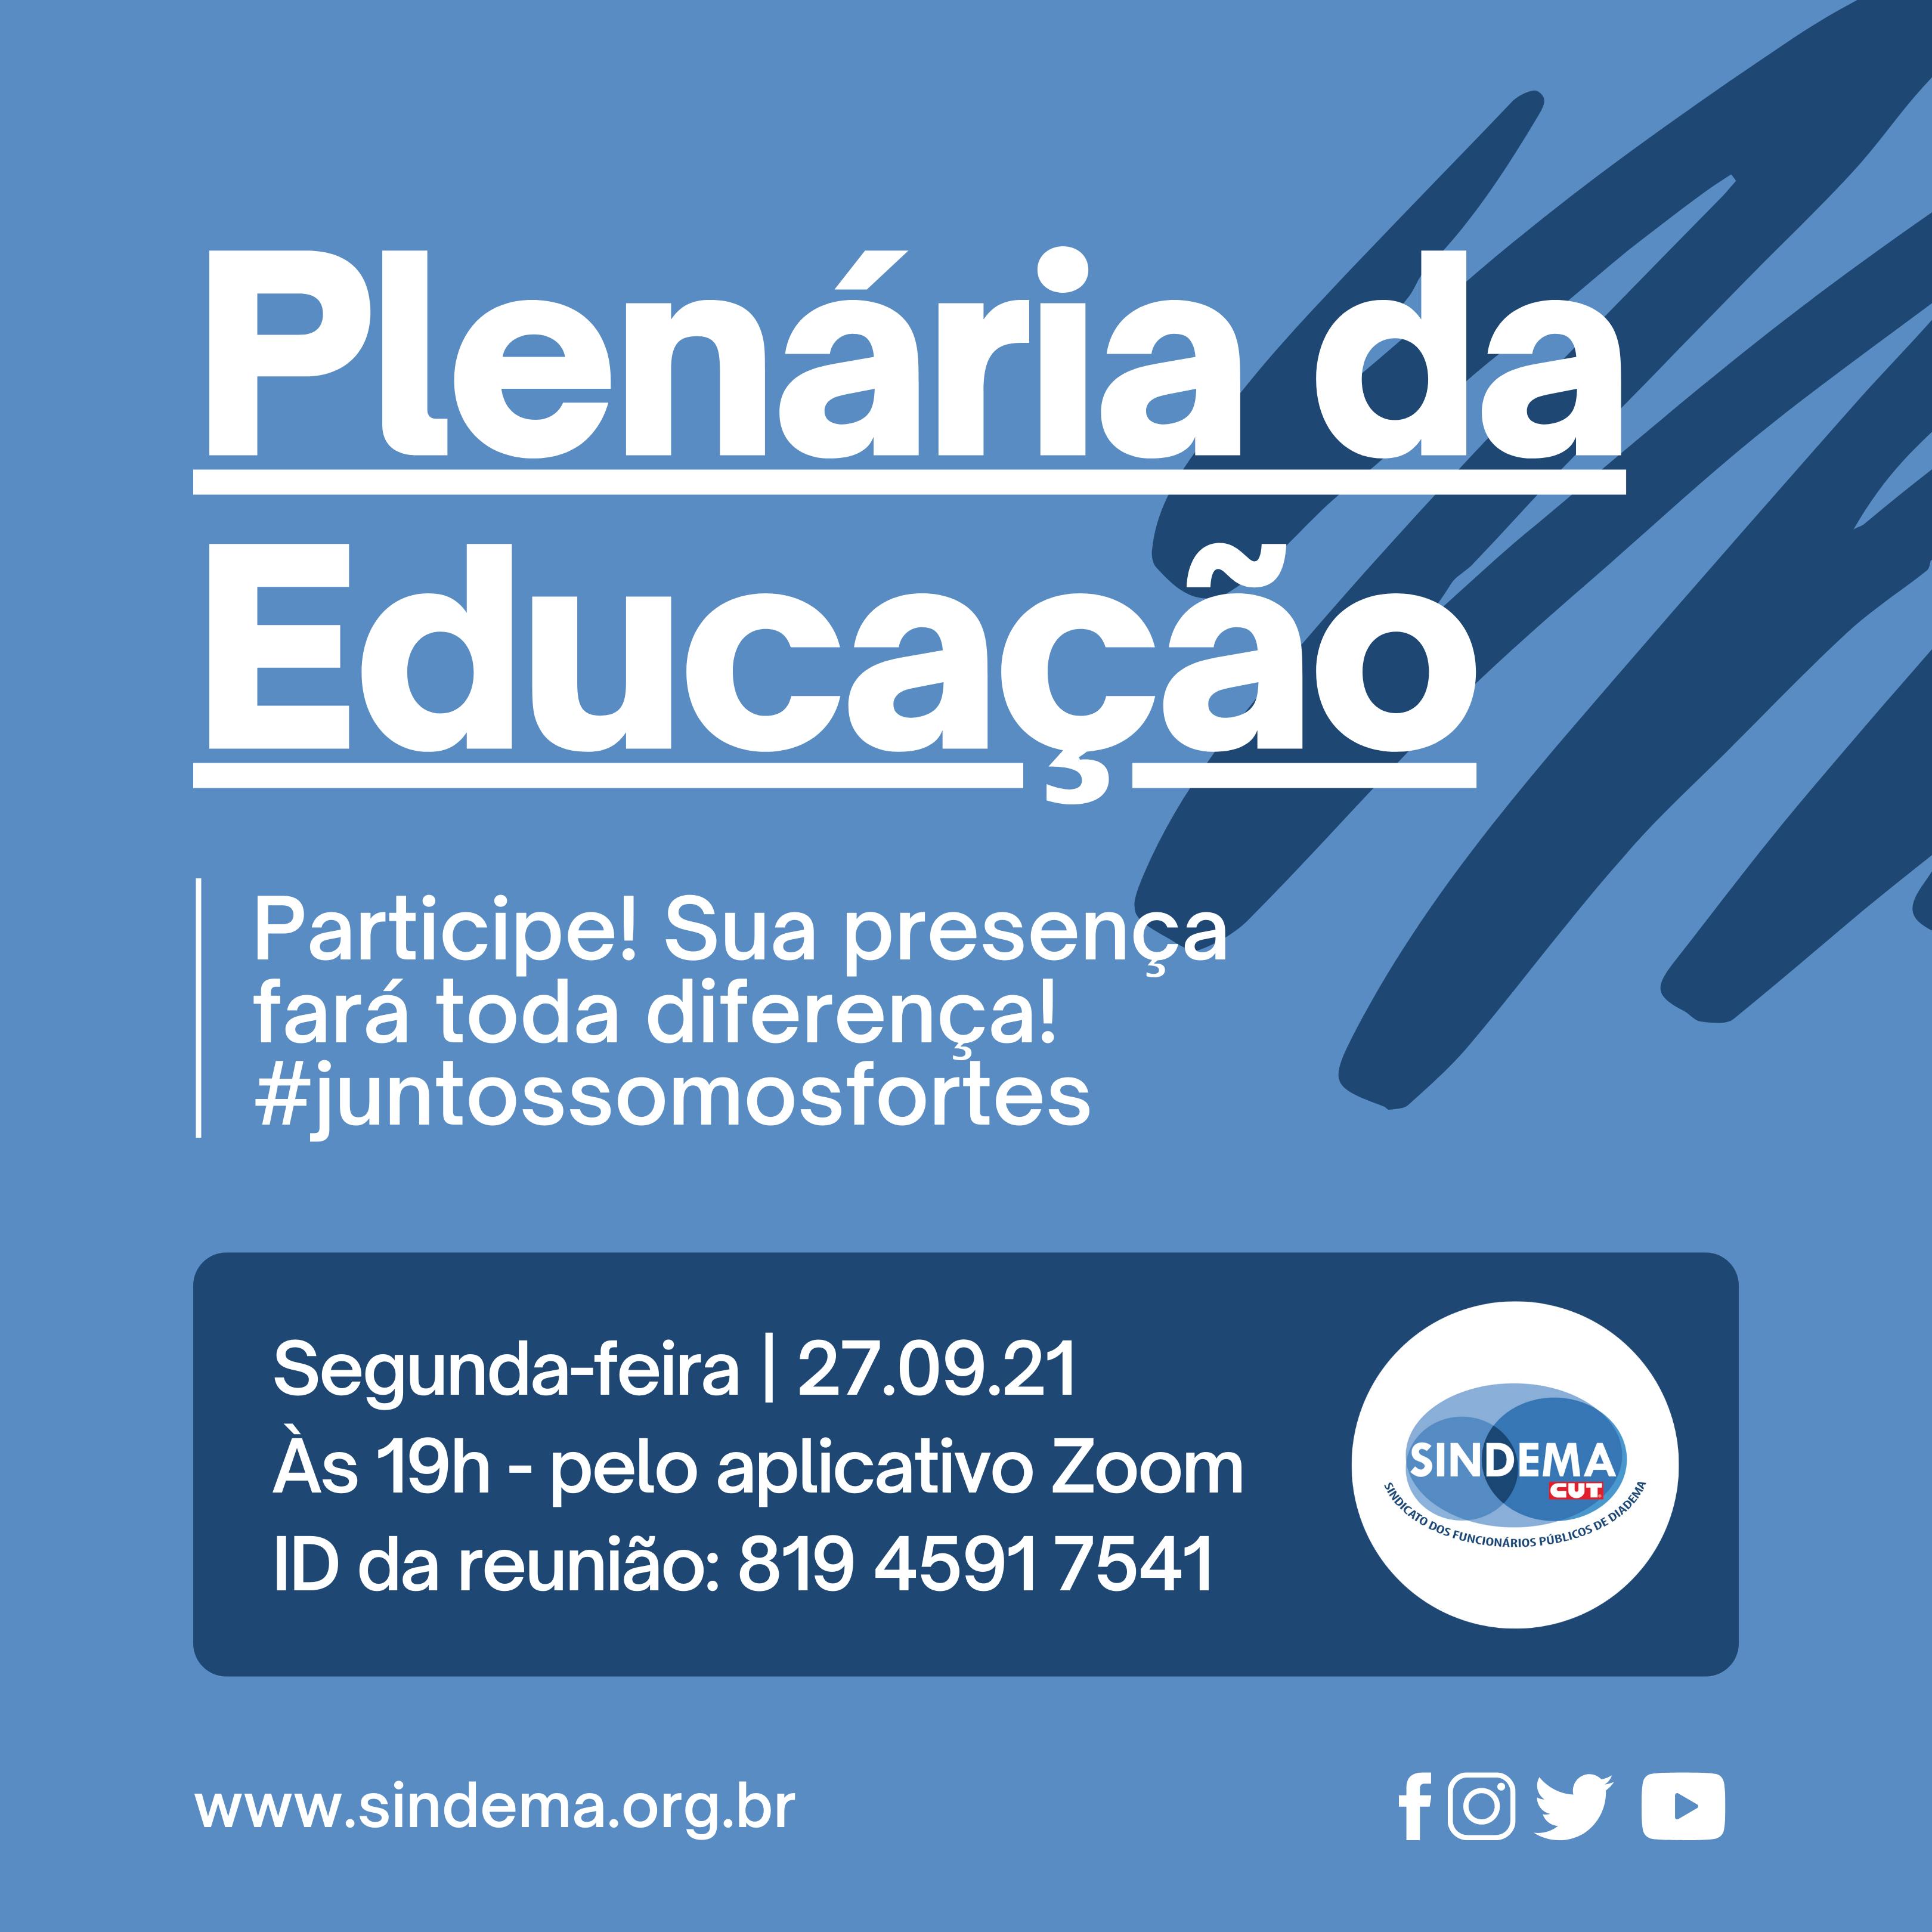 Plenária da Educação.